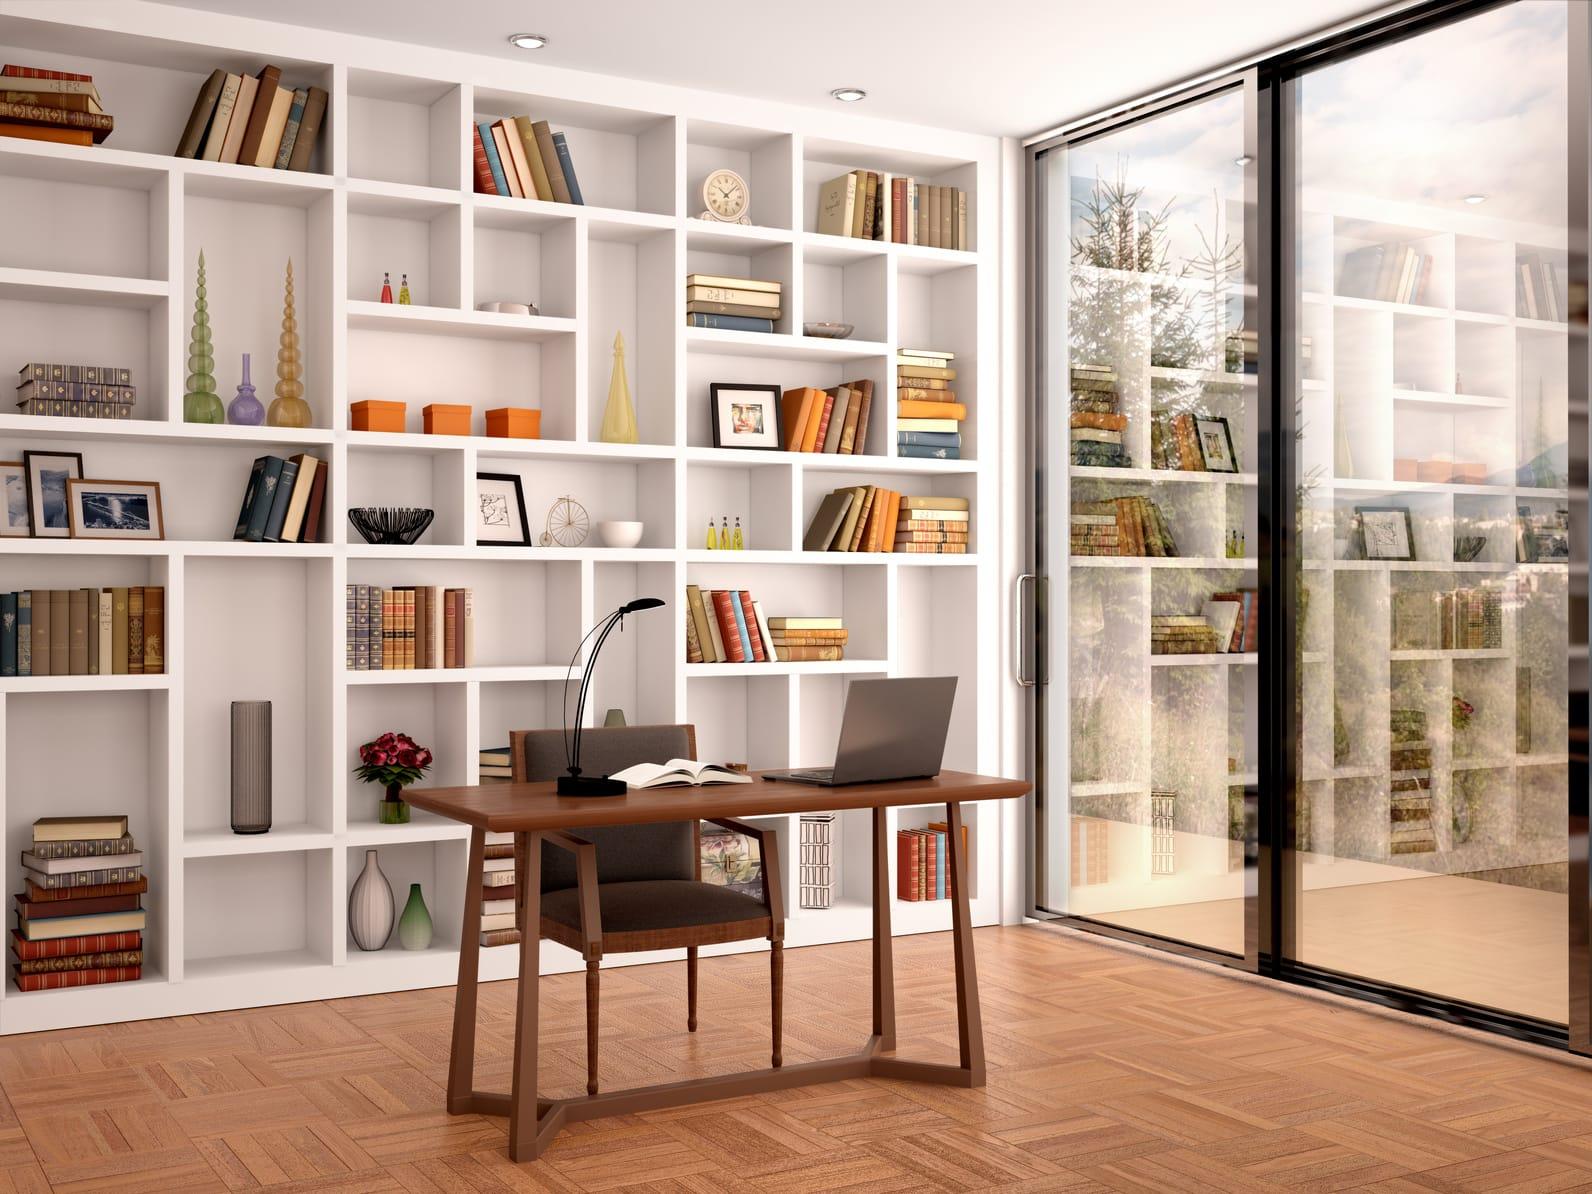 Praktische Möbel Für Kleine Räume  2 Möbelstücke